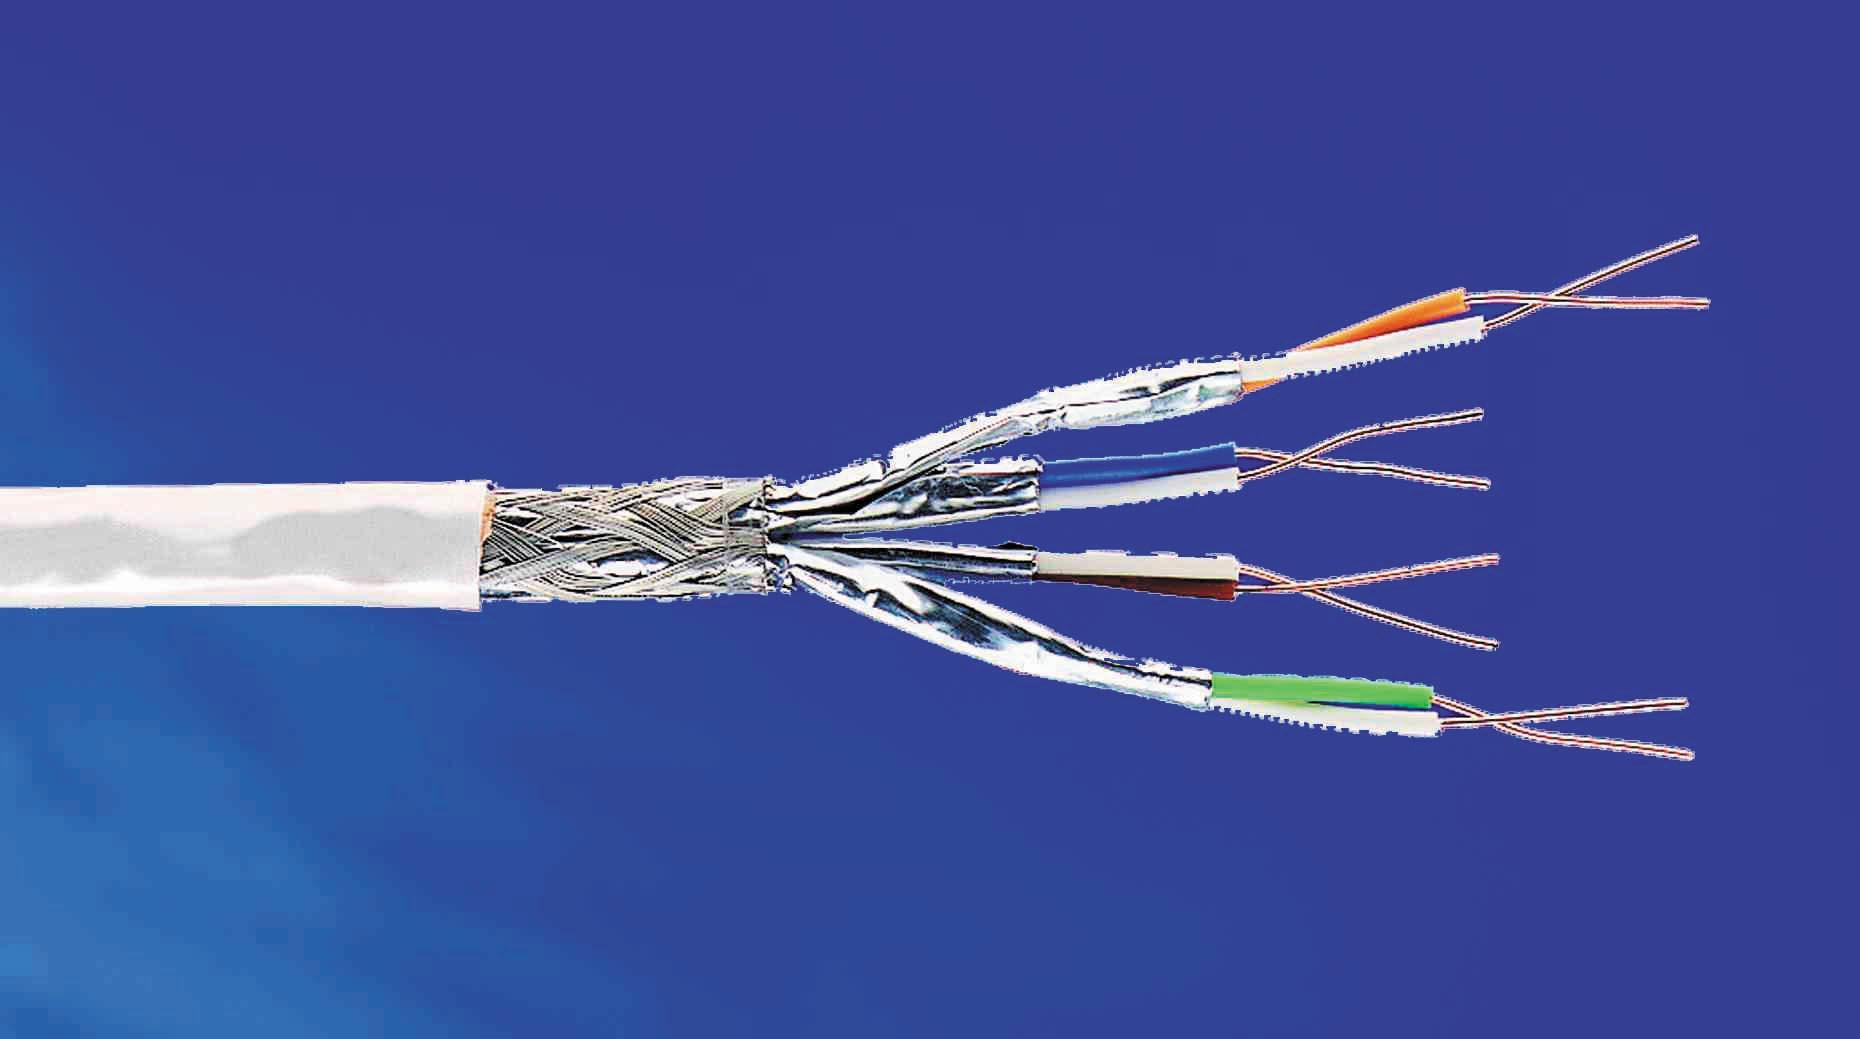 چگونه یک کابل شبکه یا اترنت درست کنیم؟